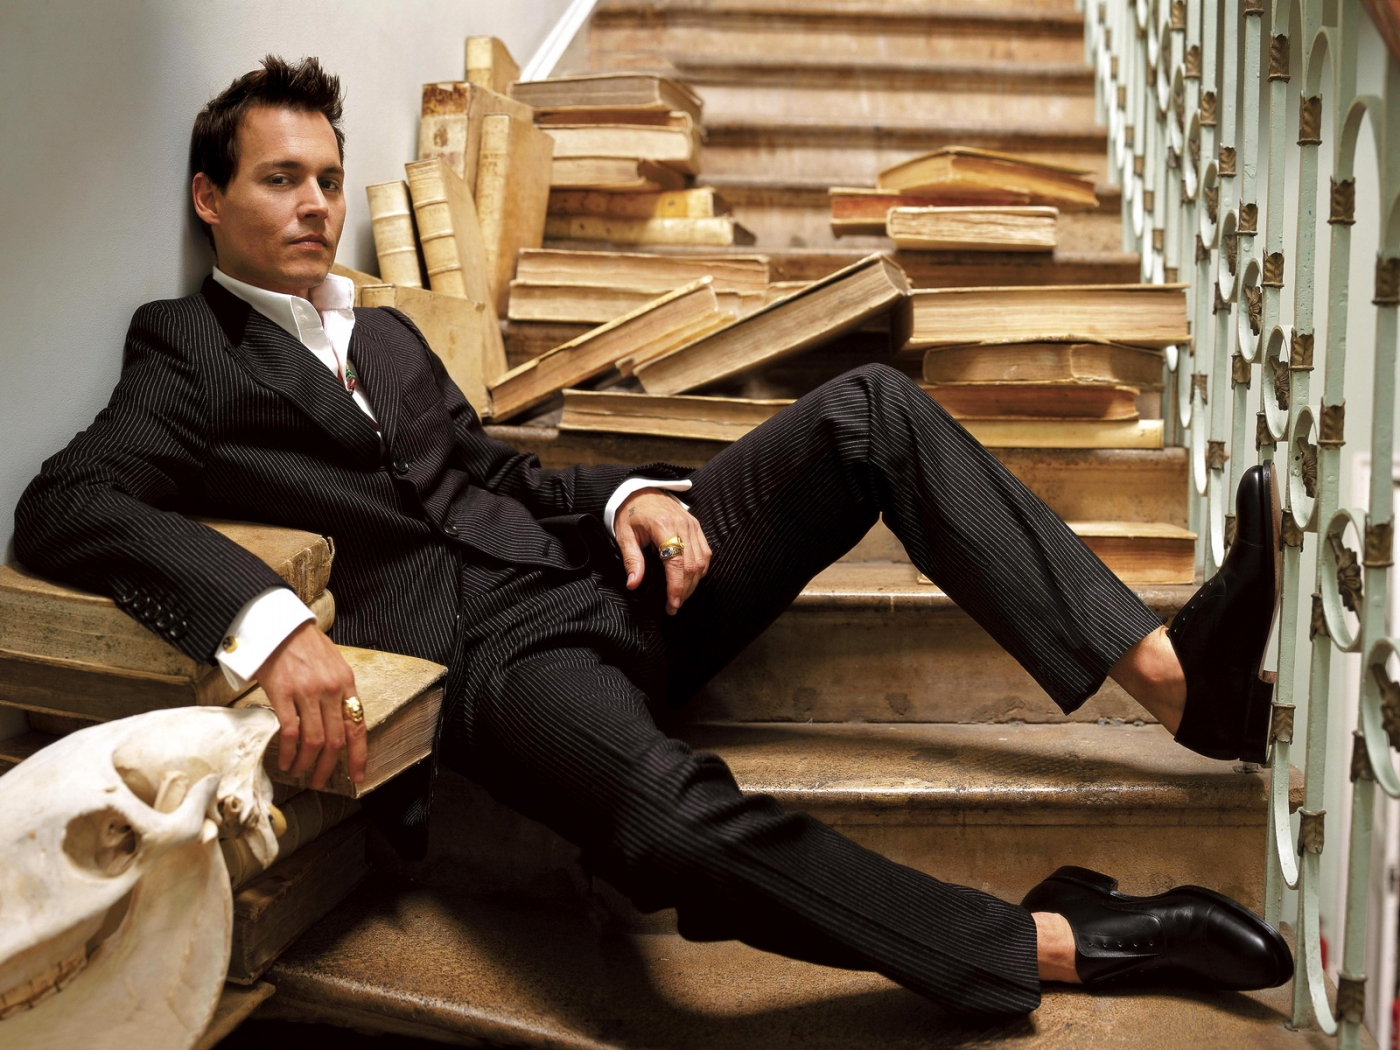 38009 Заставки и Обои Джонни Депп (Johnny Depp) на телефон. Скачать Люди, Актеры, Мужчины, Джонни Депп (Johnny Depp) картинки бесплатно